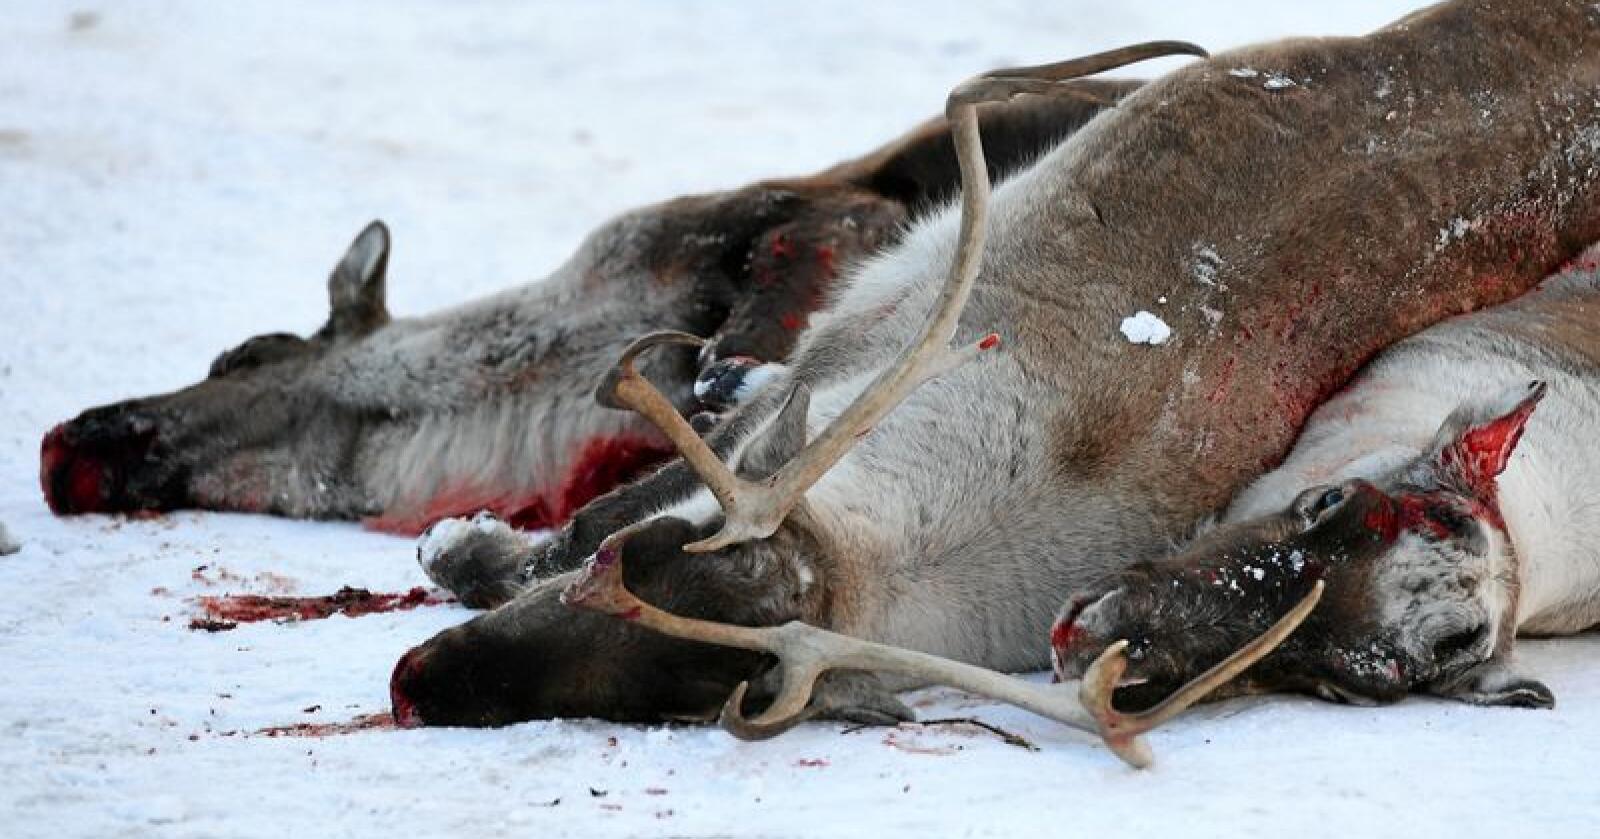 CWD: Det er påvist smittsom skrantesjuke på villrein i Nordfjella. Villreinstammen i sone 1 er avliva og fjerna, skriver Mattilsynet. Her fra fellingen i 2017. Foto: Marit Hommedal / NTB scanpix